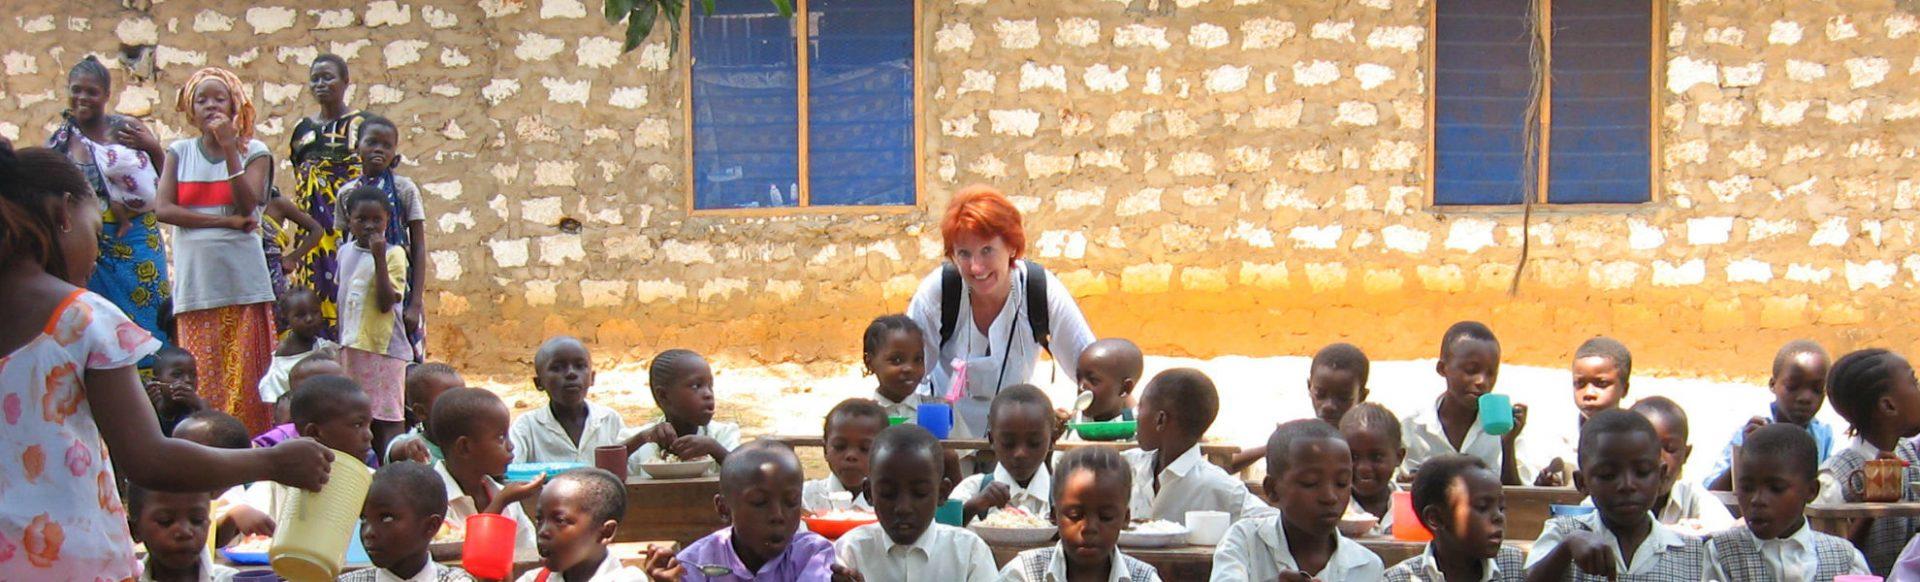 Marina Schmidt in der Patenschule des Reisekontor Schmidt in Kenia